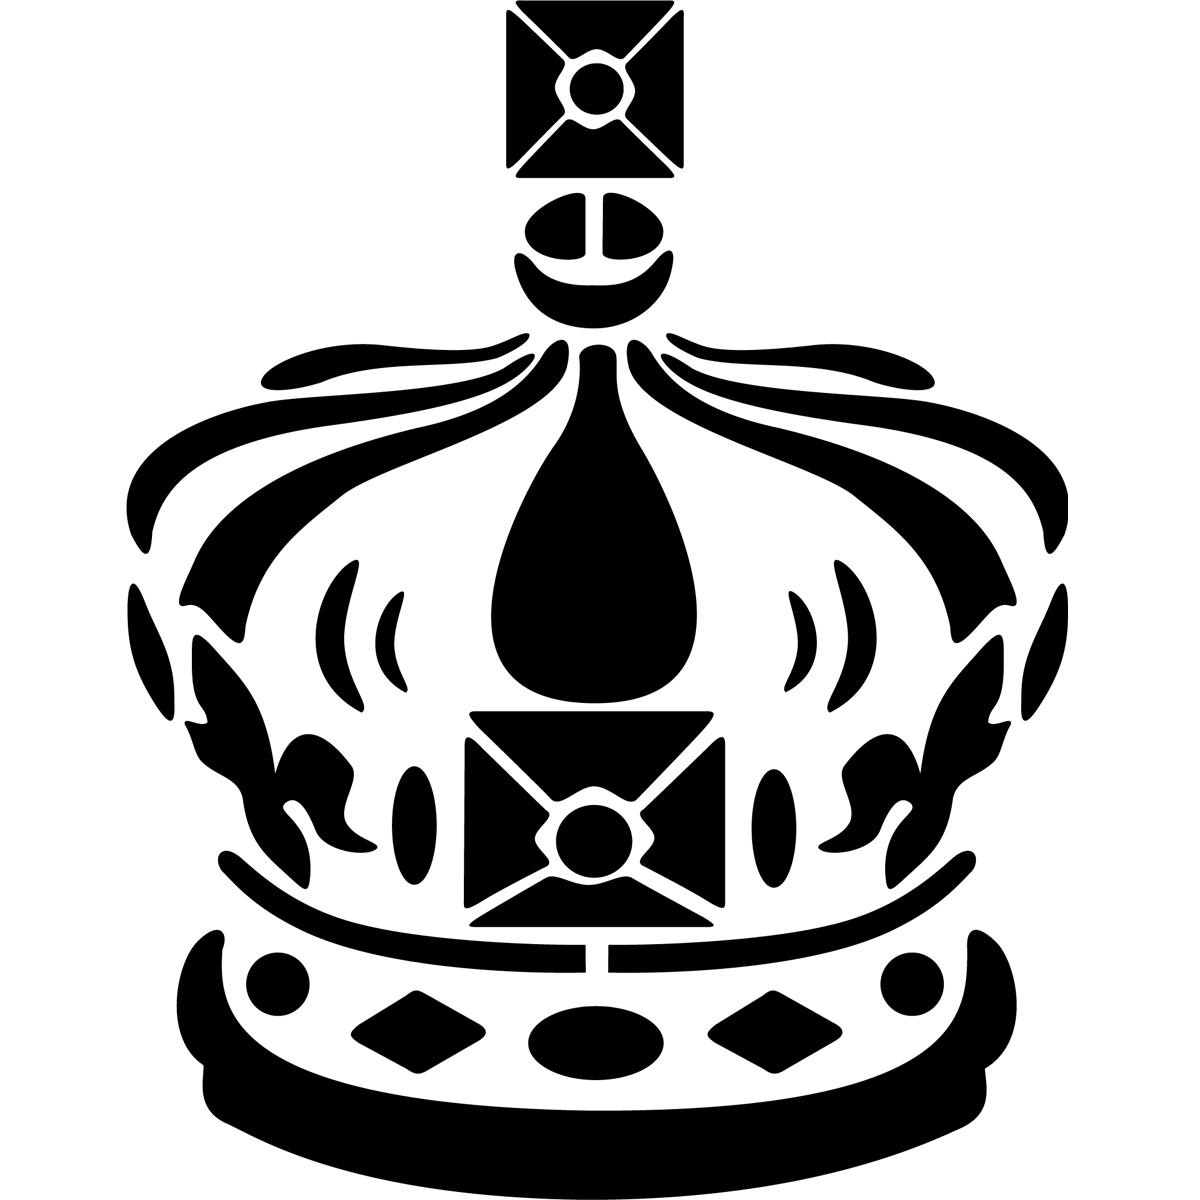 Papier Peint Adhesif : Stickers muraux londres sticker couronne royale